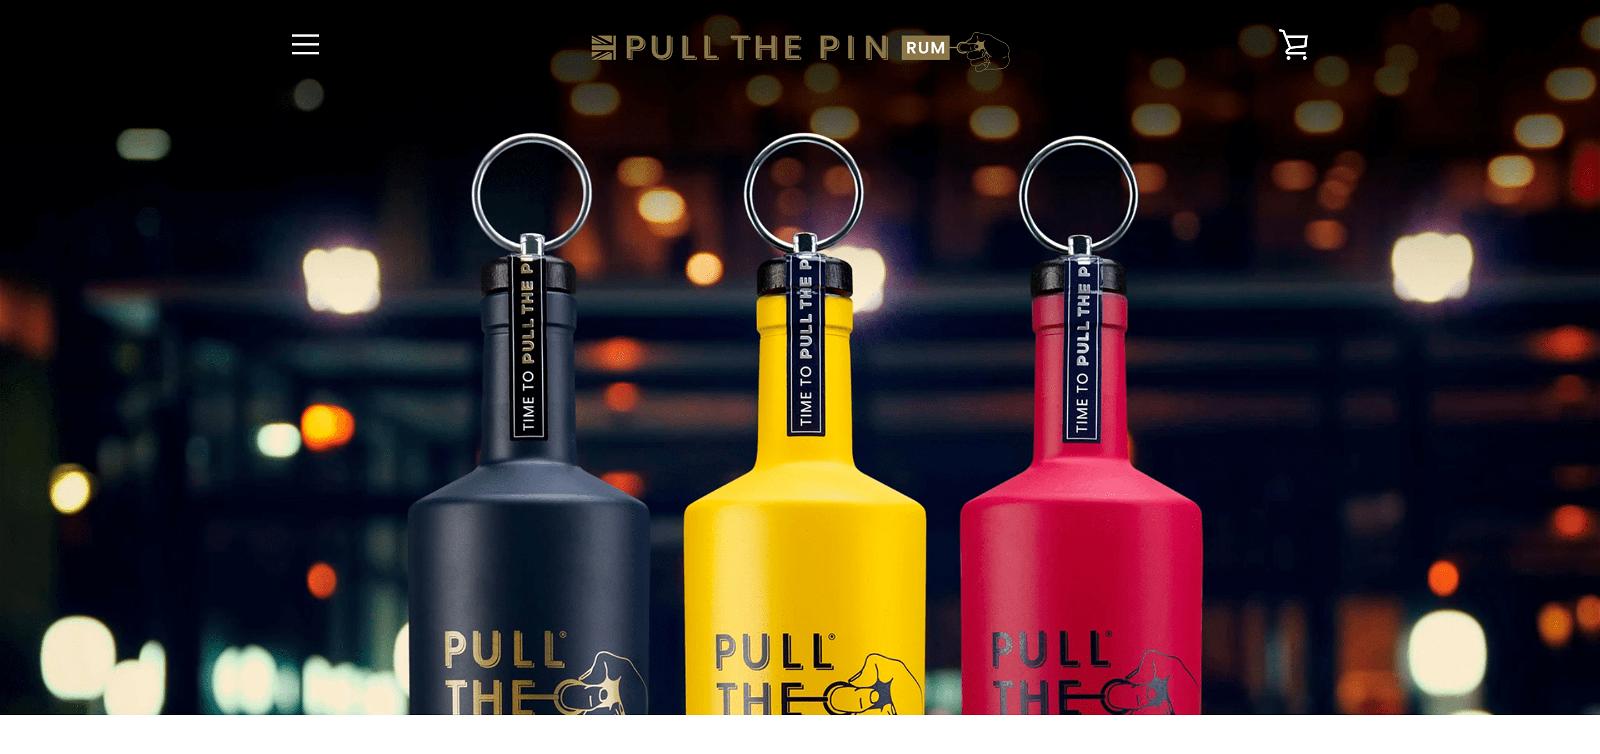 Pullthepinrum.com 1